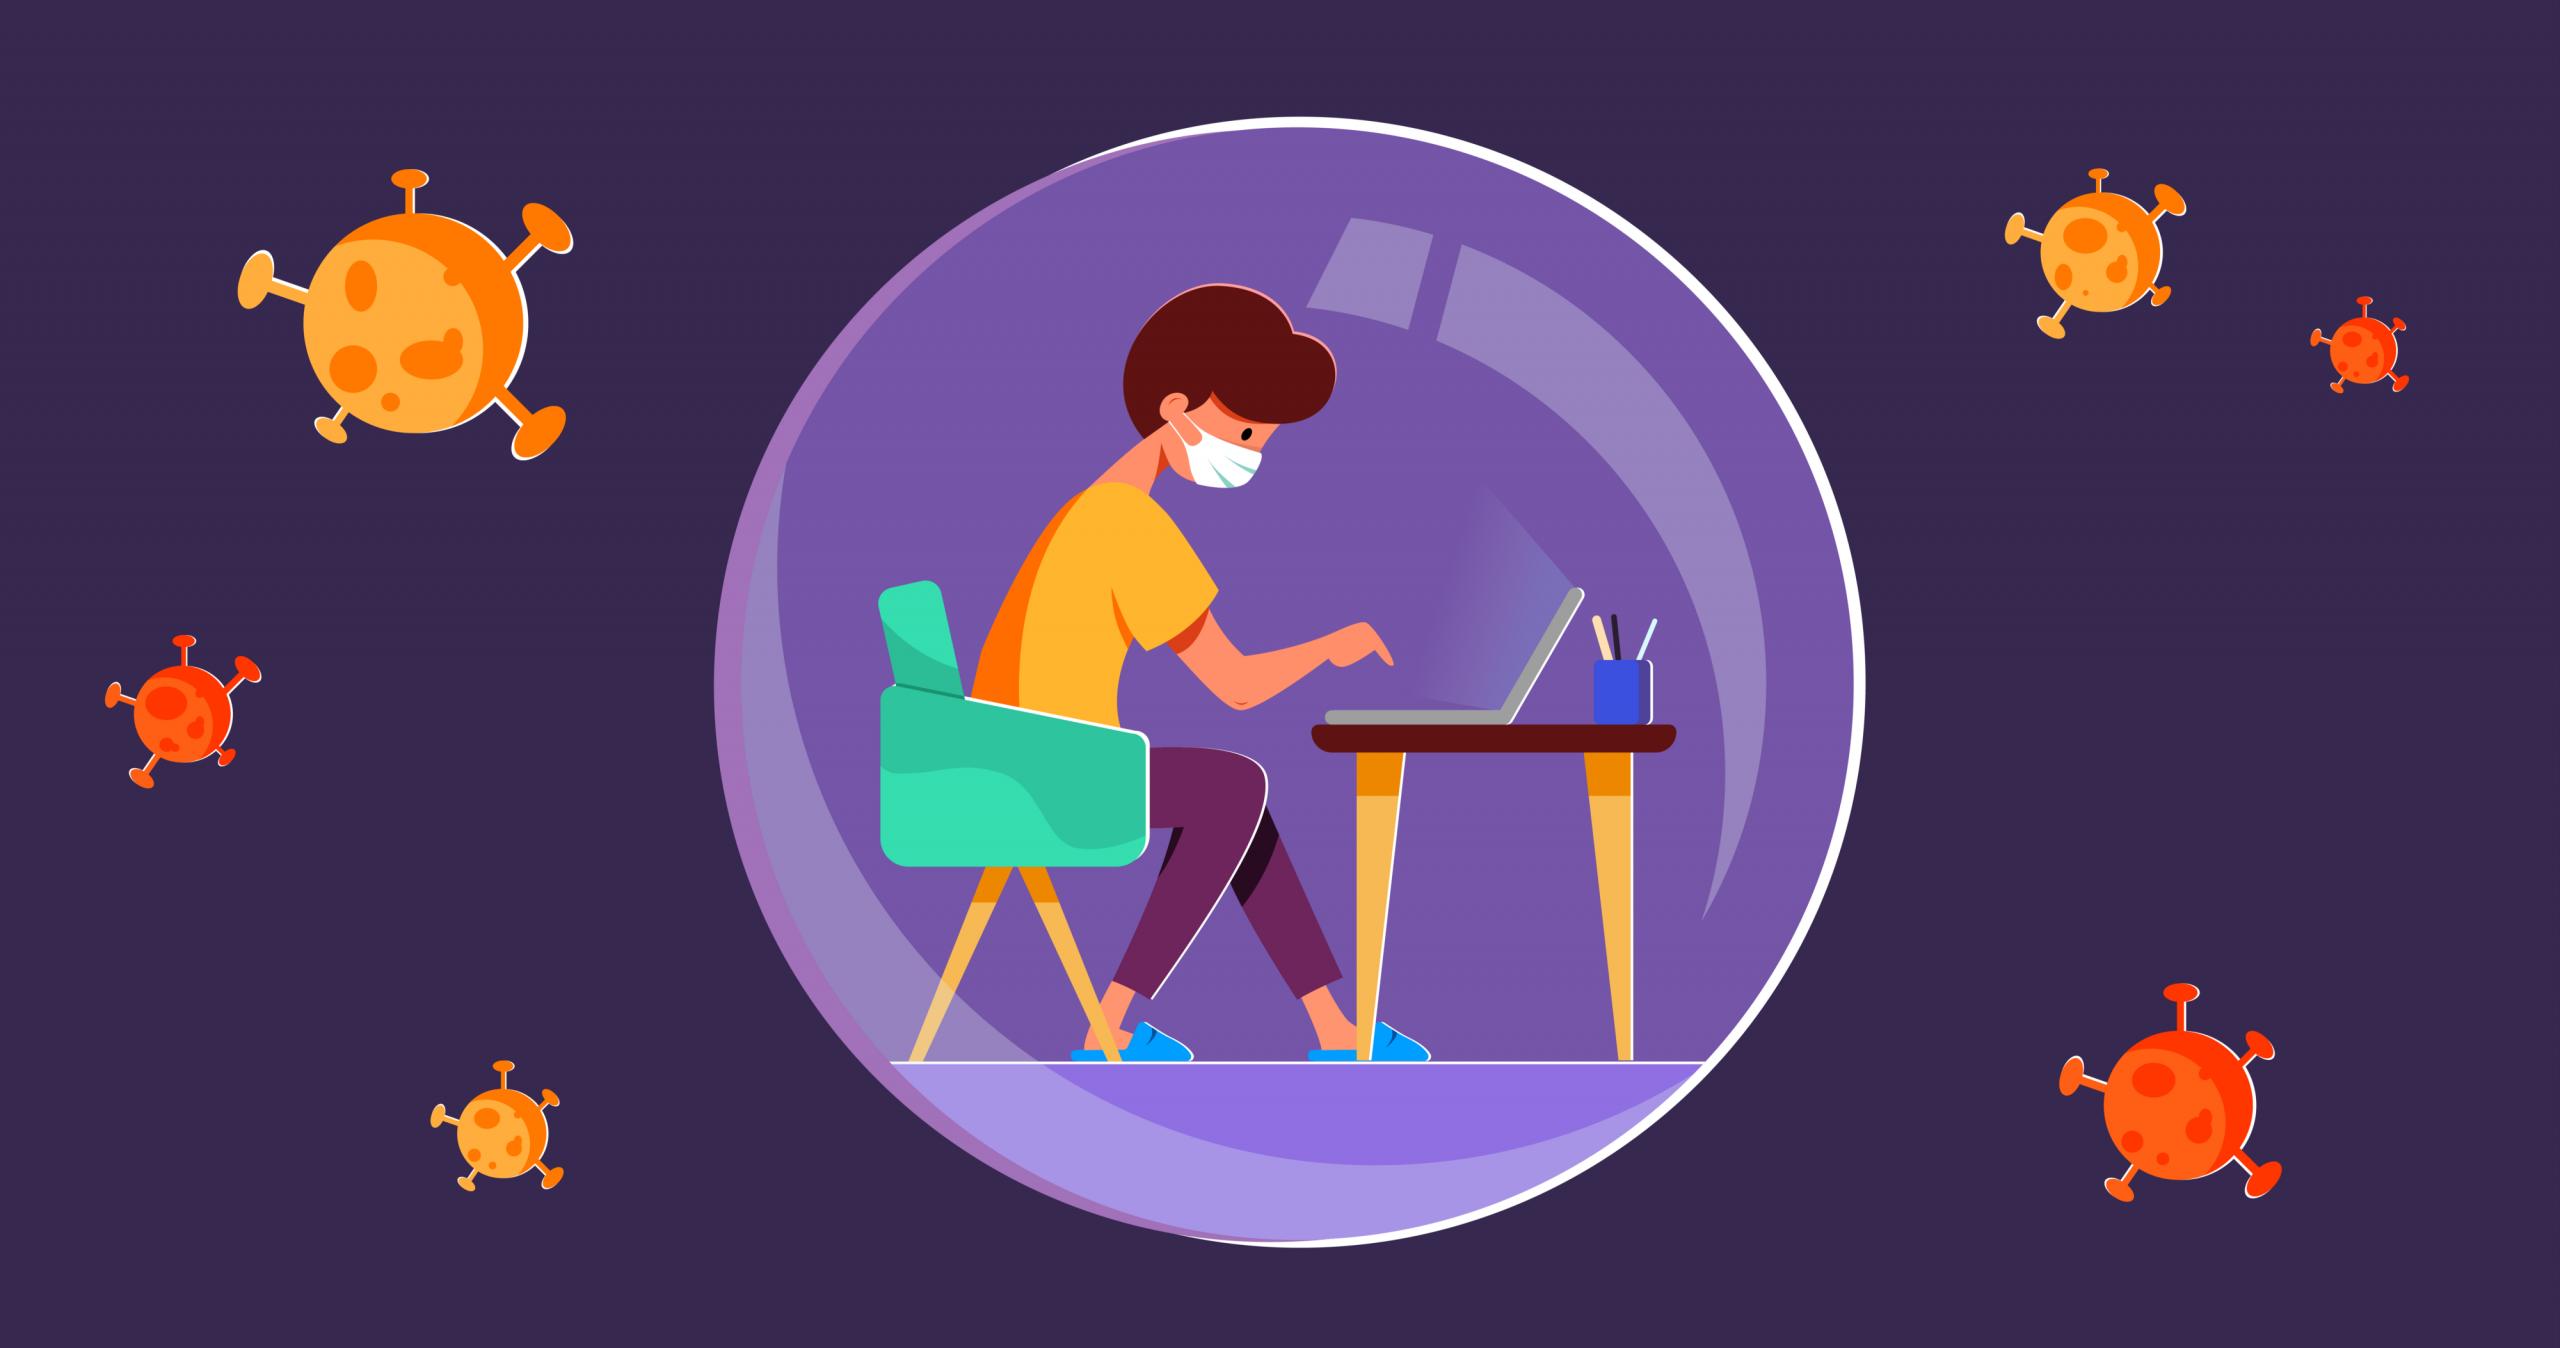 Teletrabajo: ¿Cómo Trabajar de Manera Saludable y Productiva?